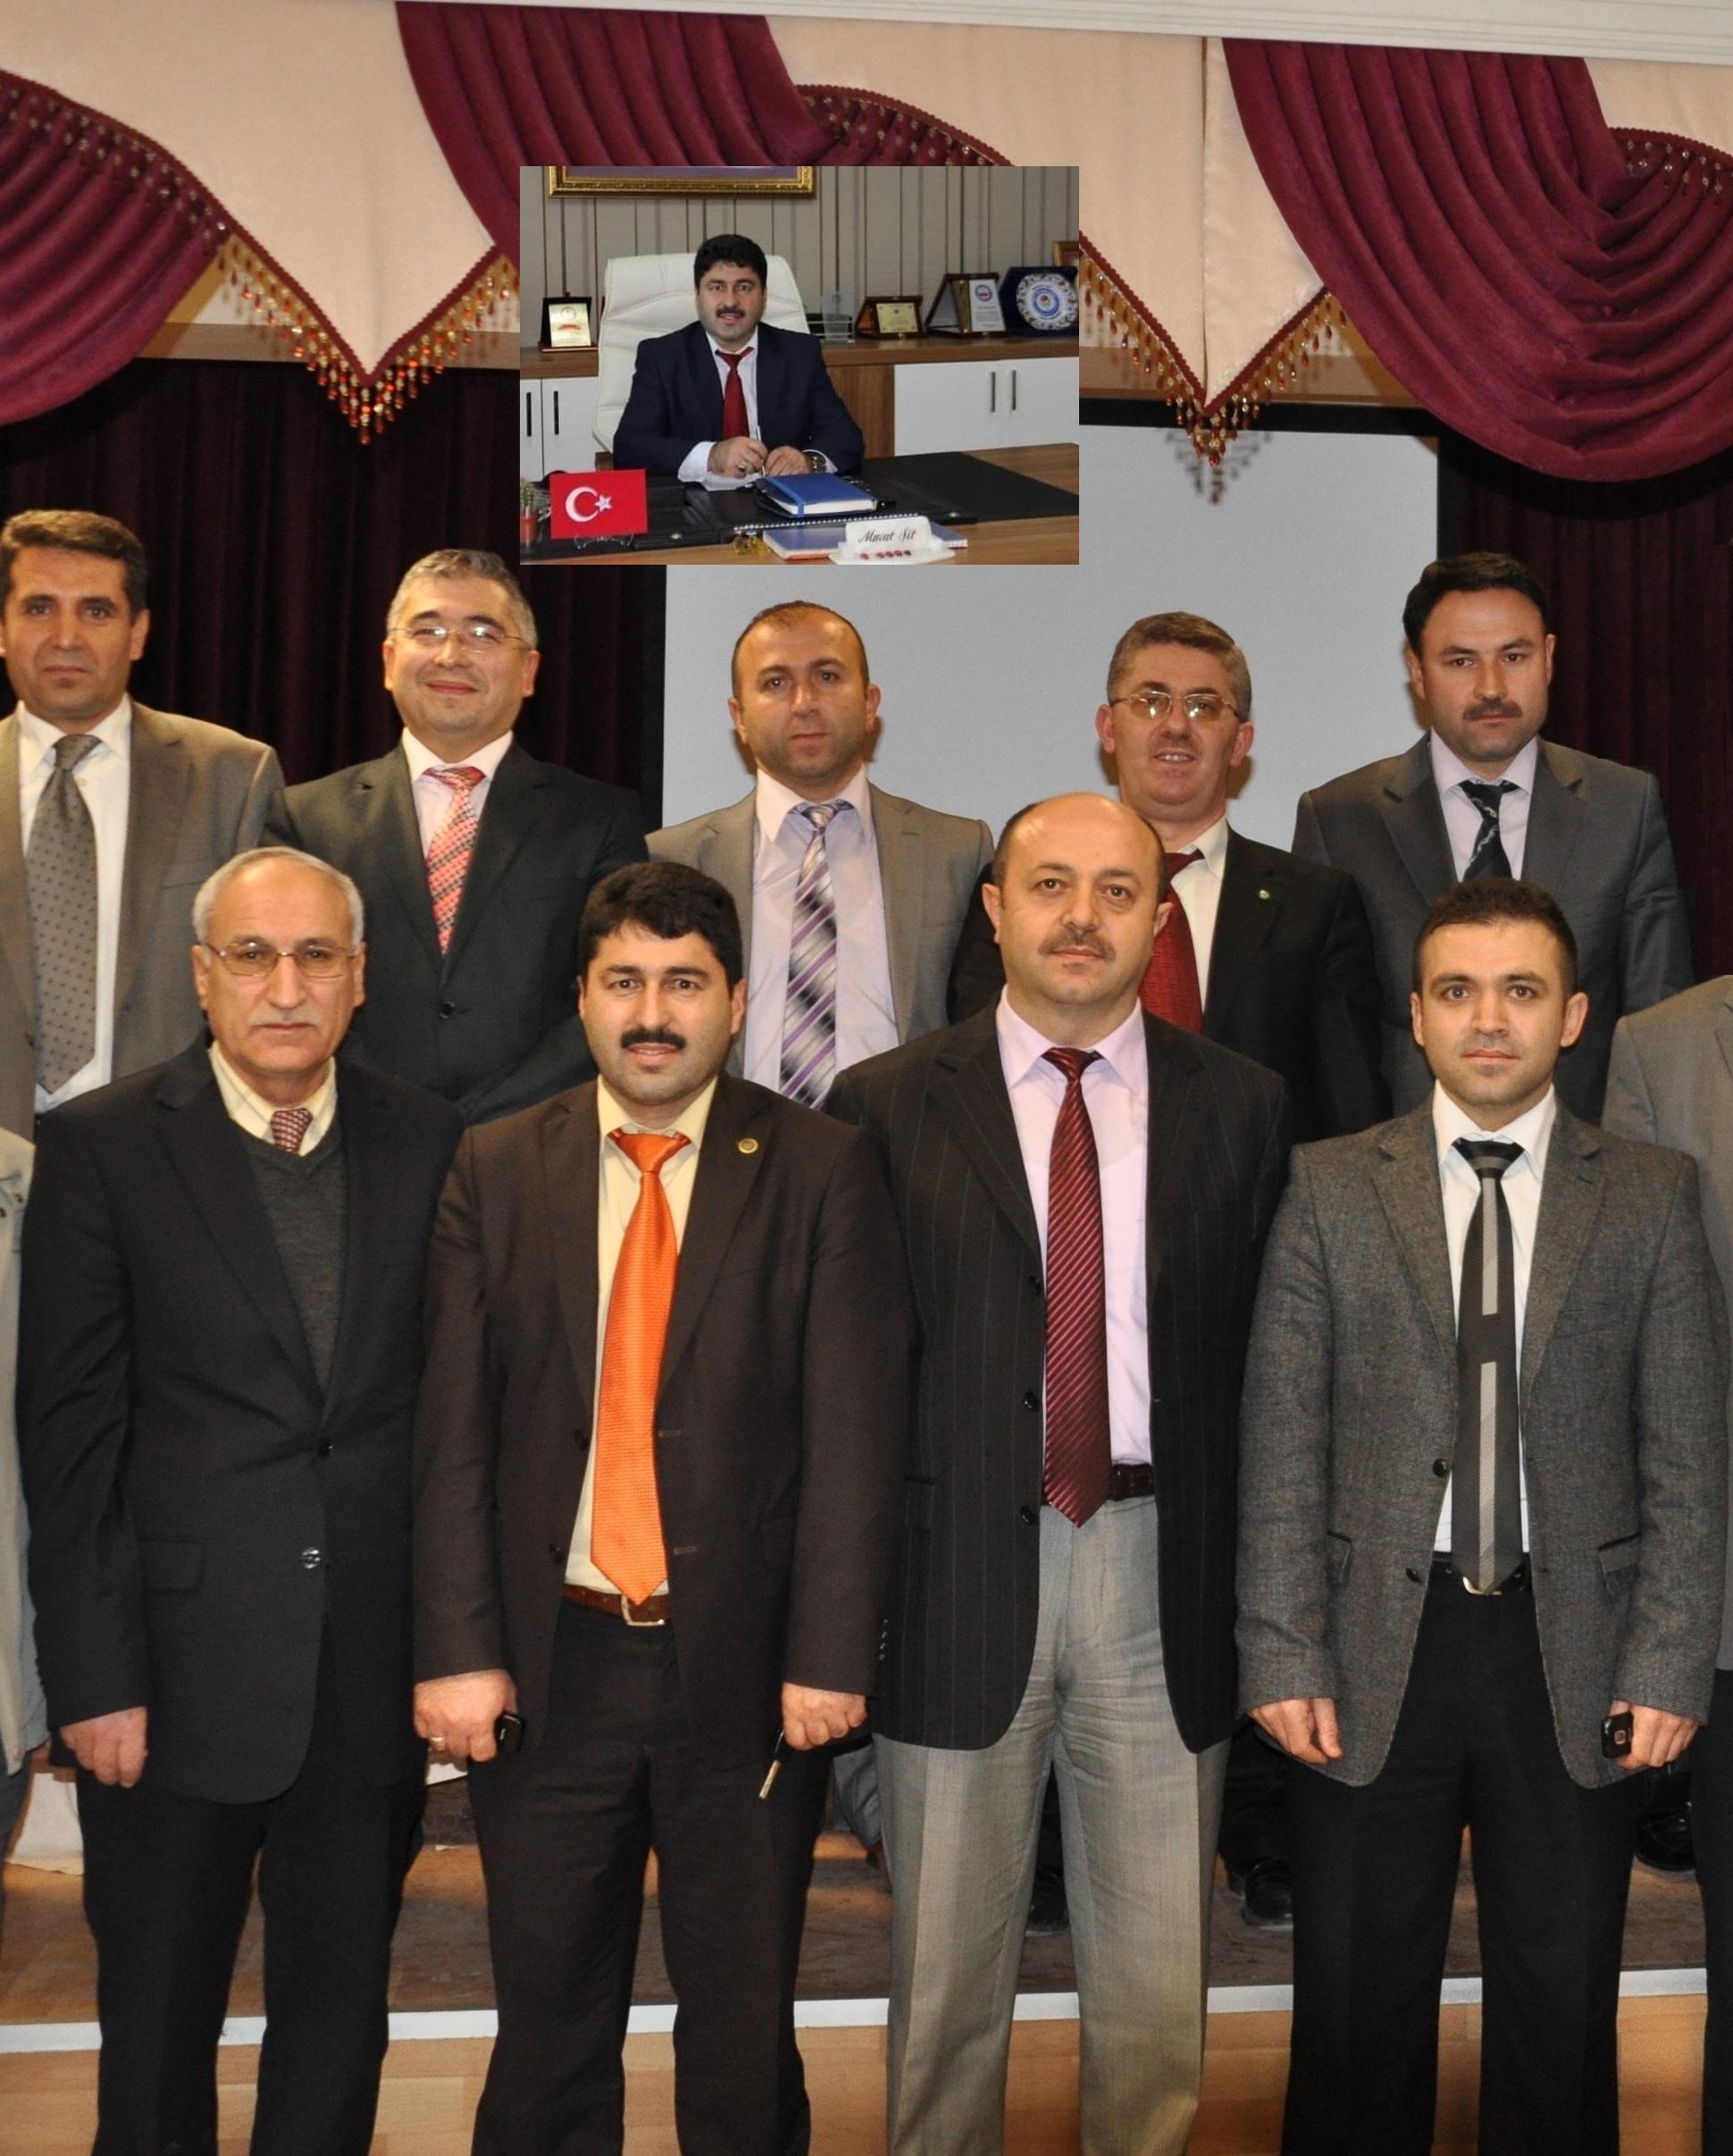 dsc-1726-m-sit-a-yadigar-t-yavuz-hasan-yilmaz.jpg